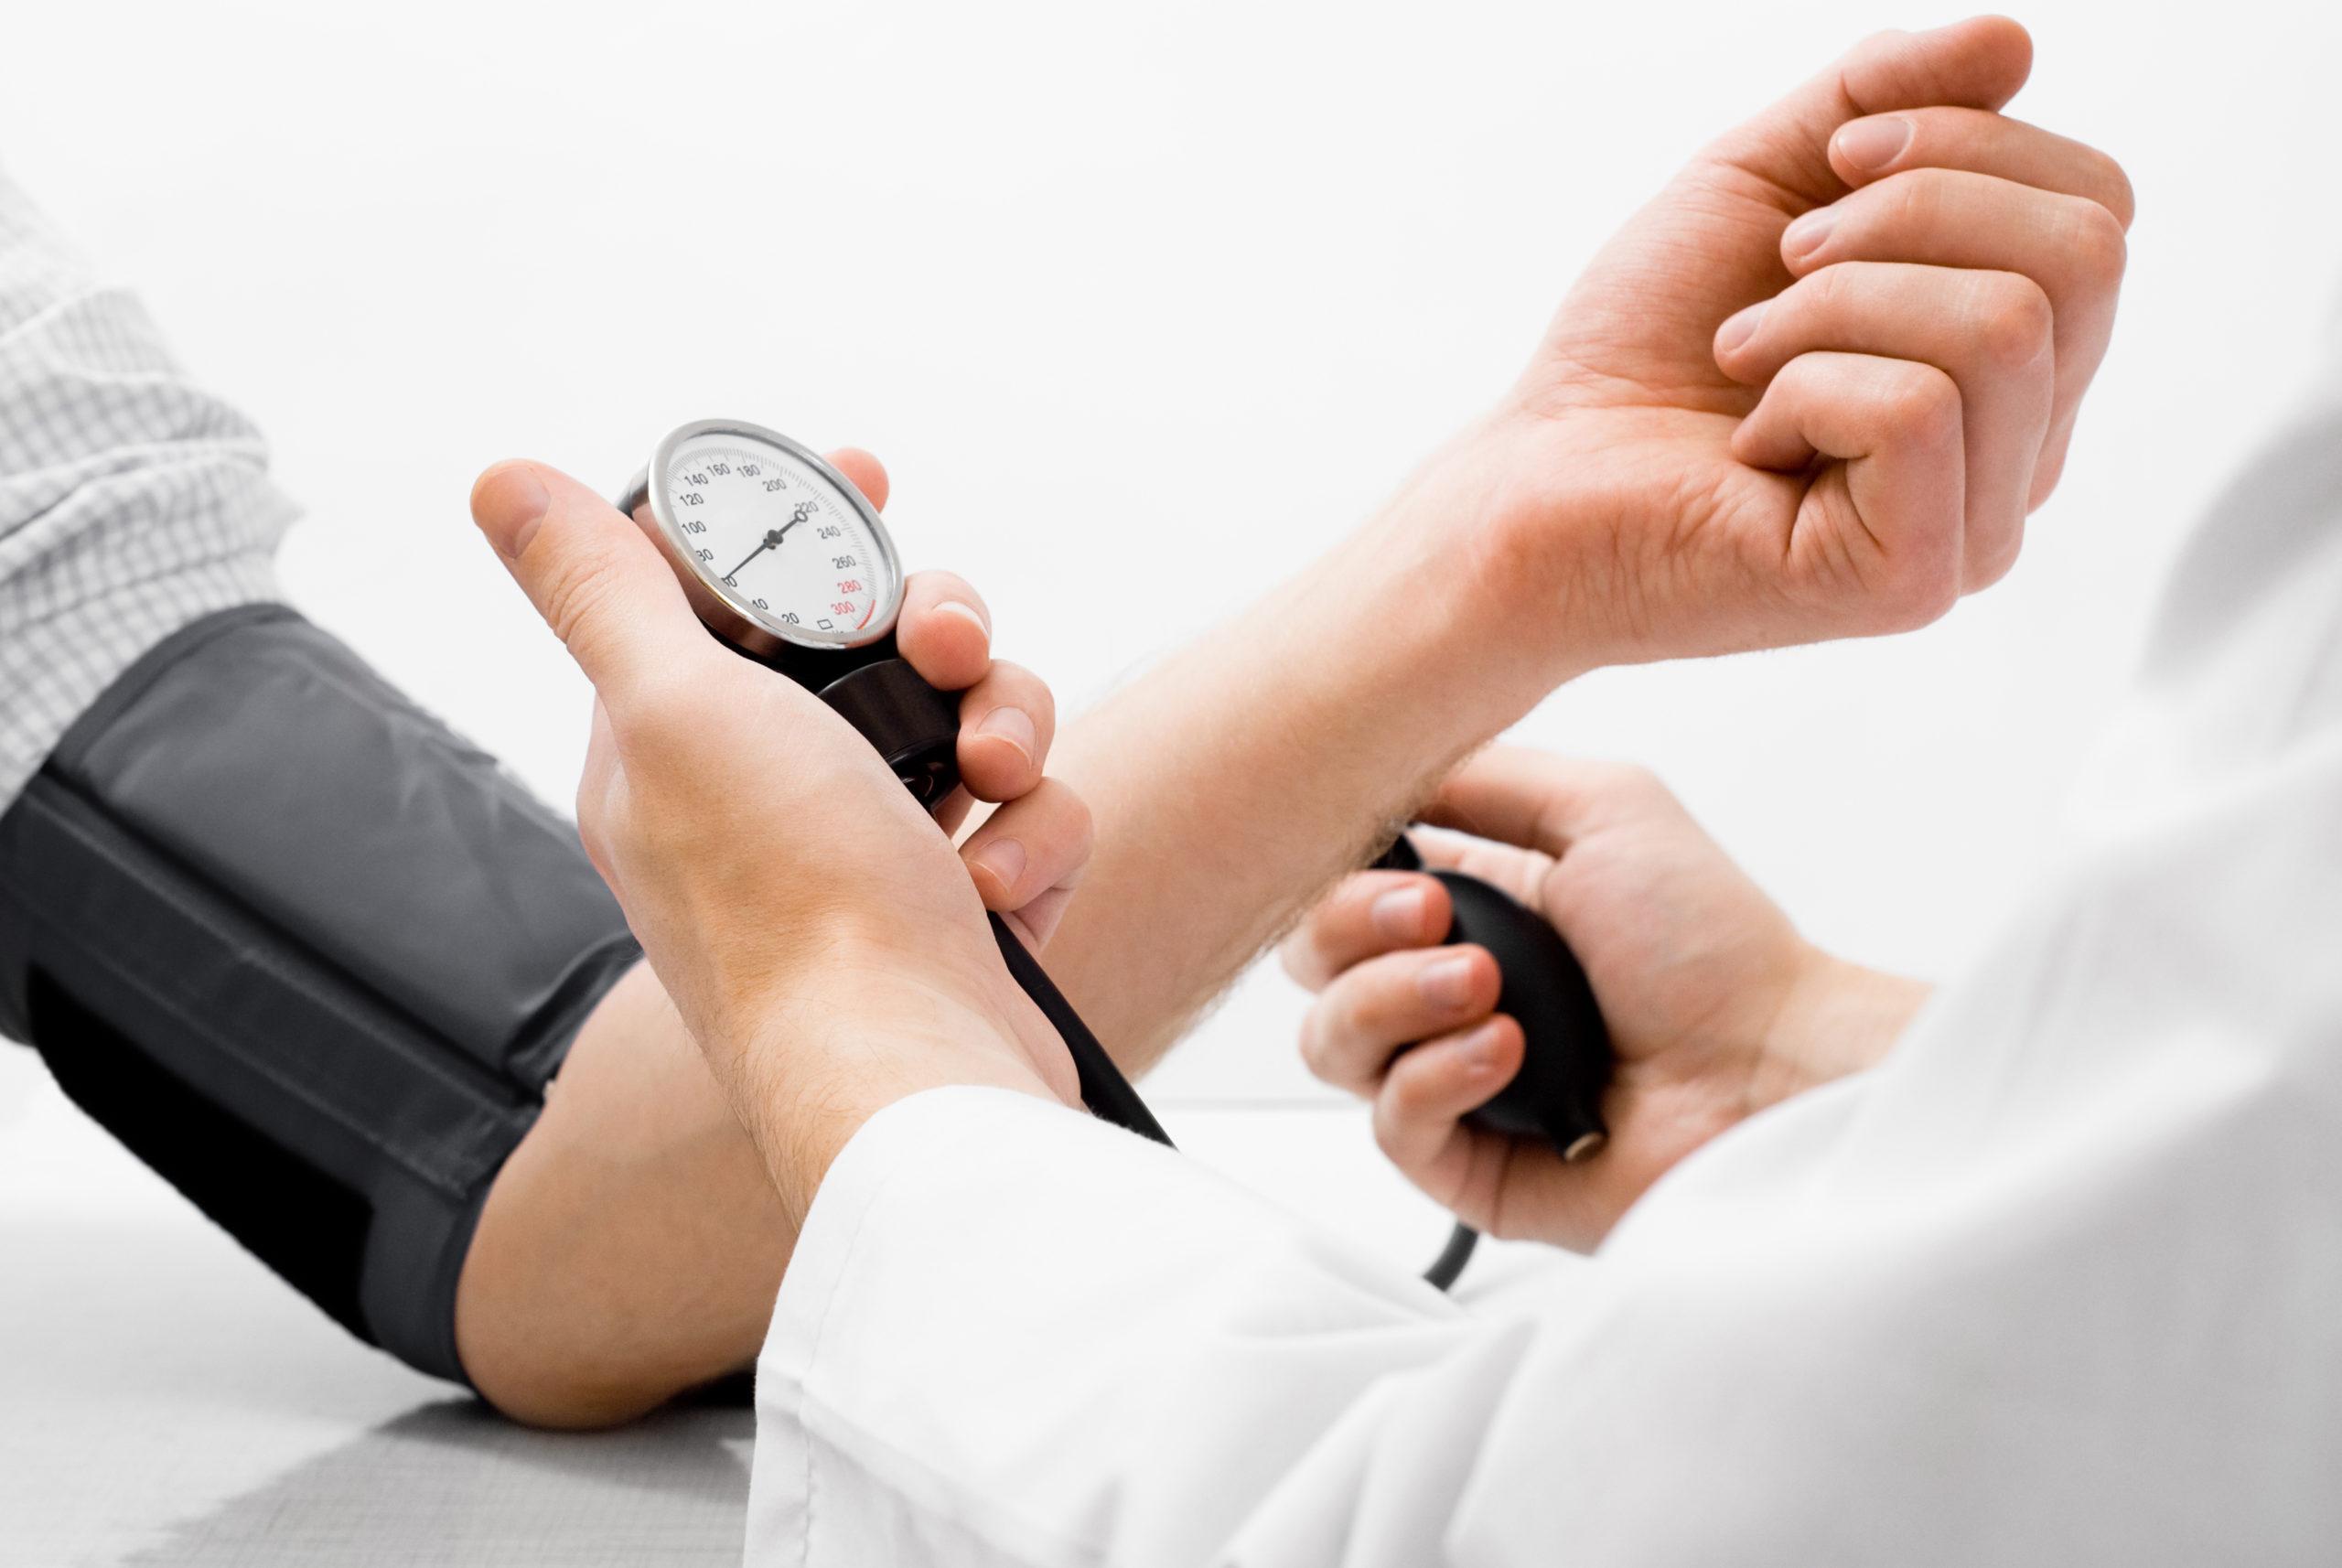 طرق تخفيض الضغط الدموي بشكل طبيعي